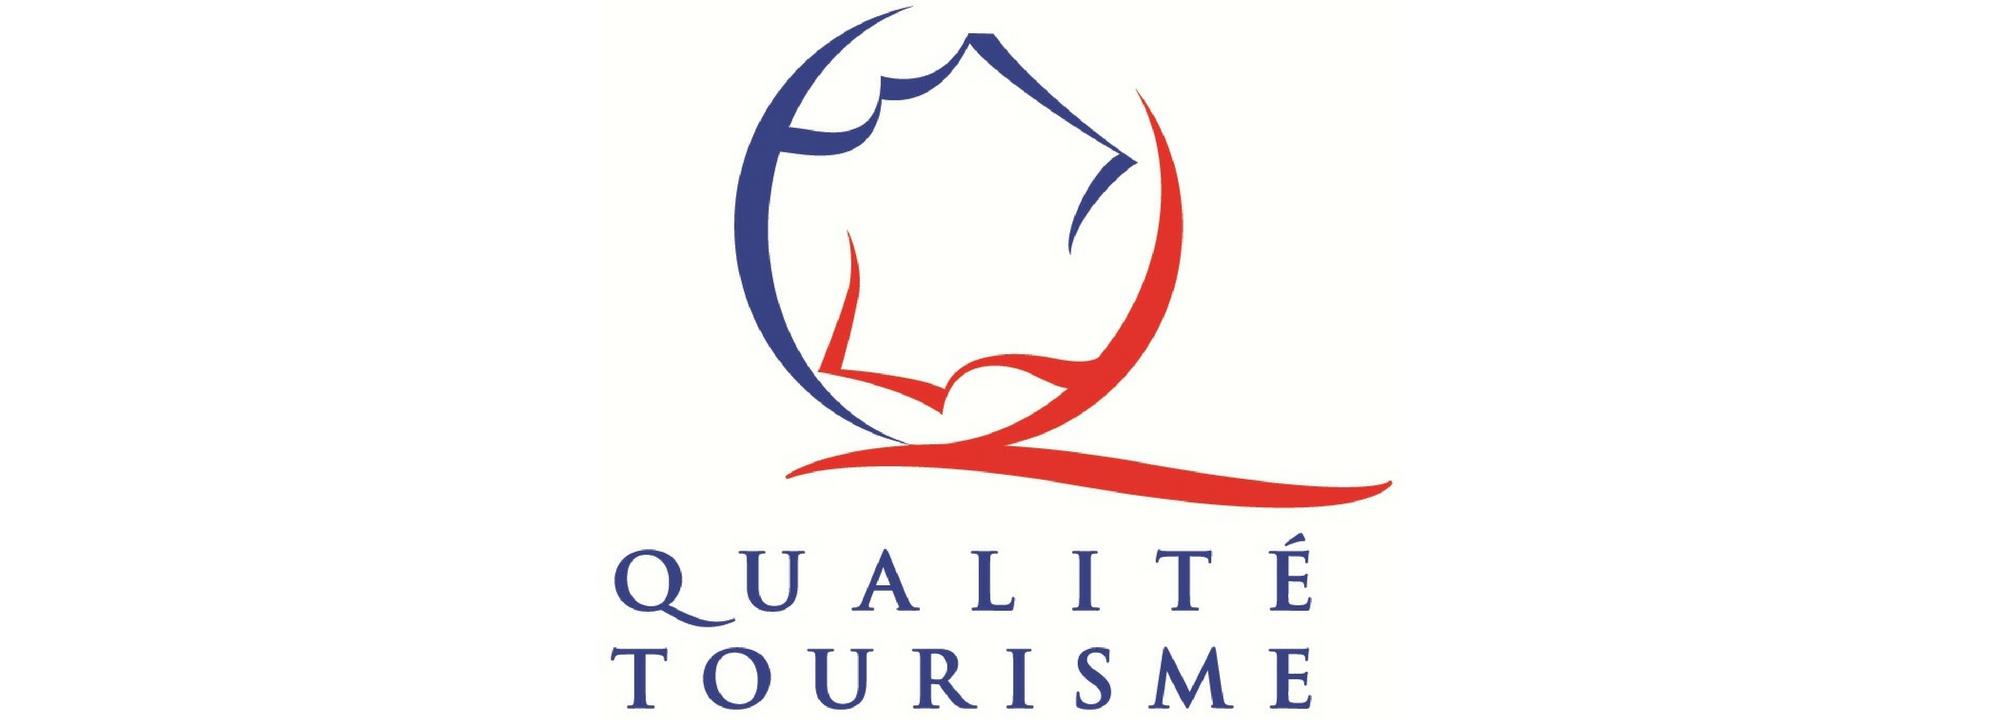 La d marche qualit de l office de tourisme rochefort oc an - Office de tourisme rochefort ocean ...